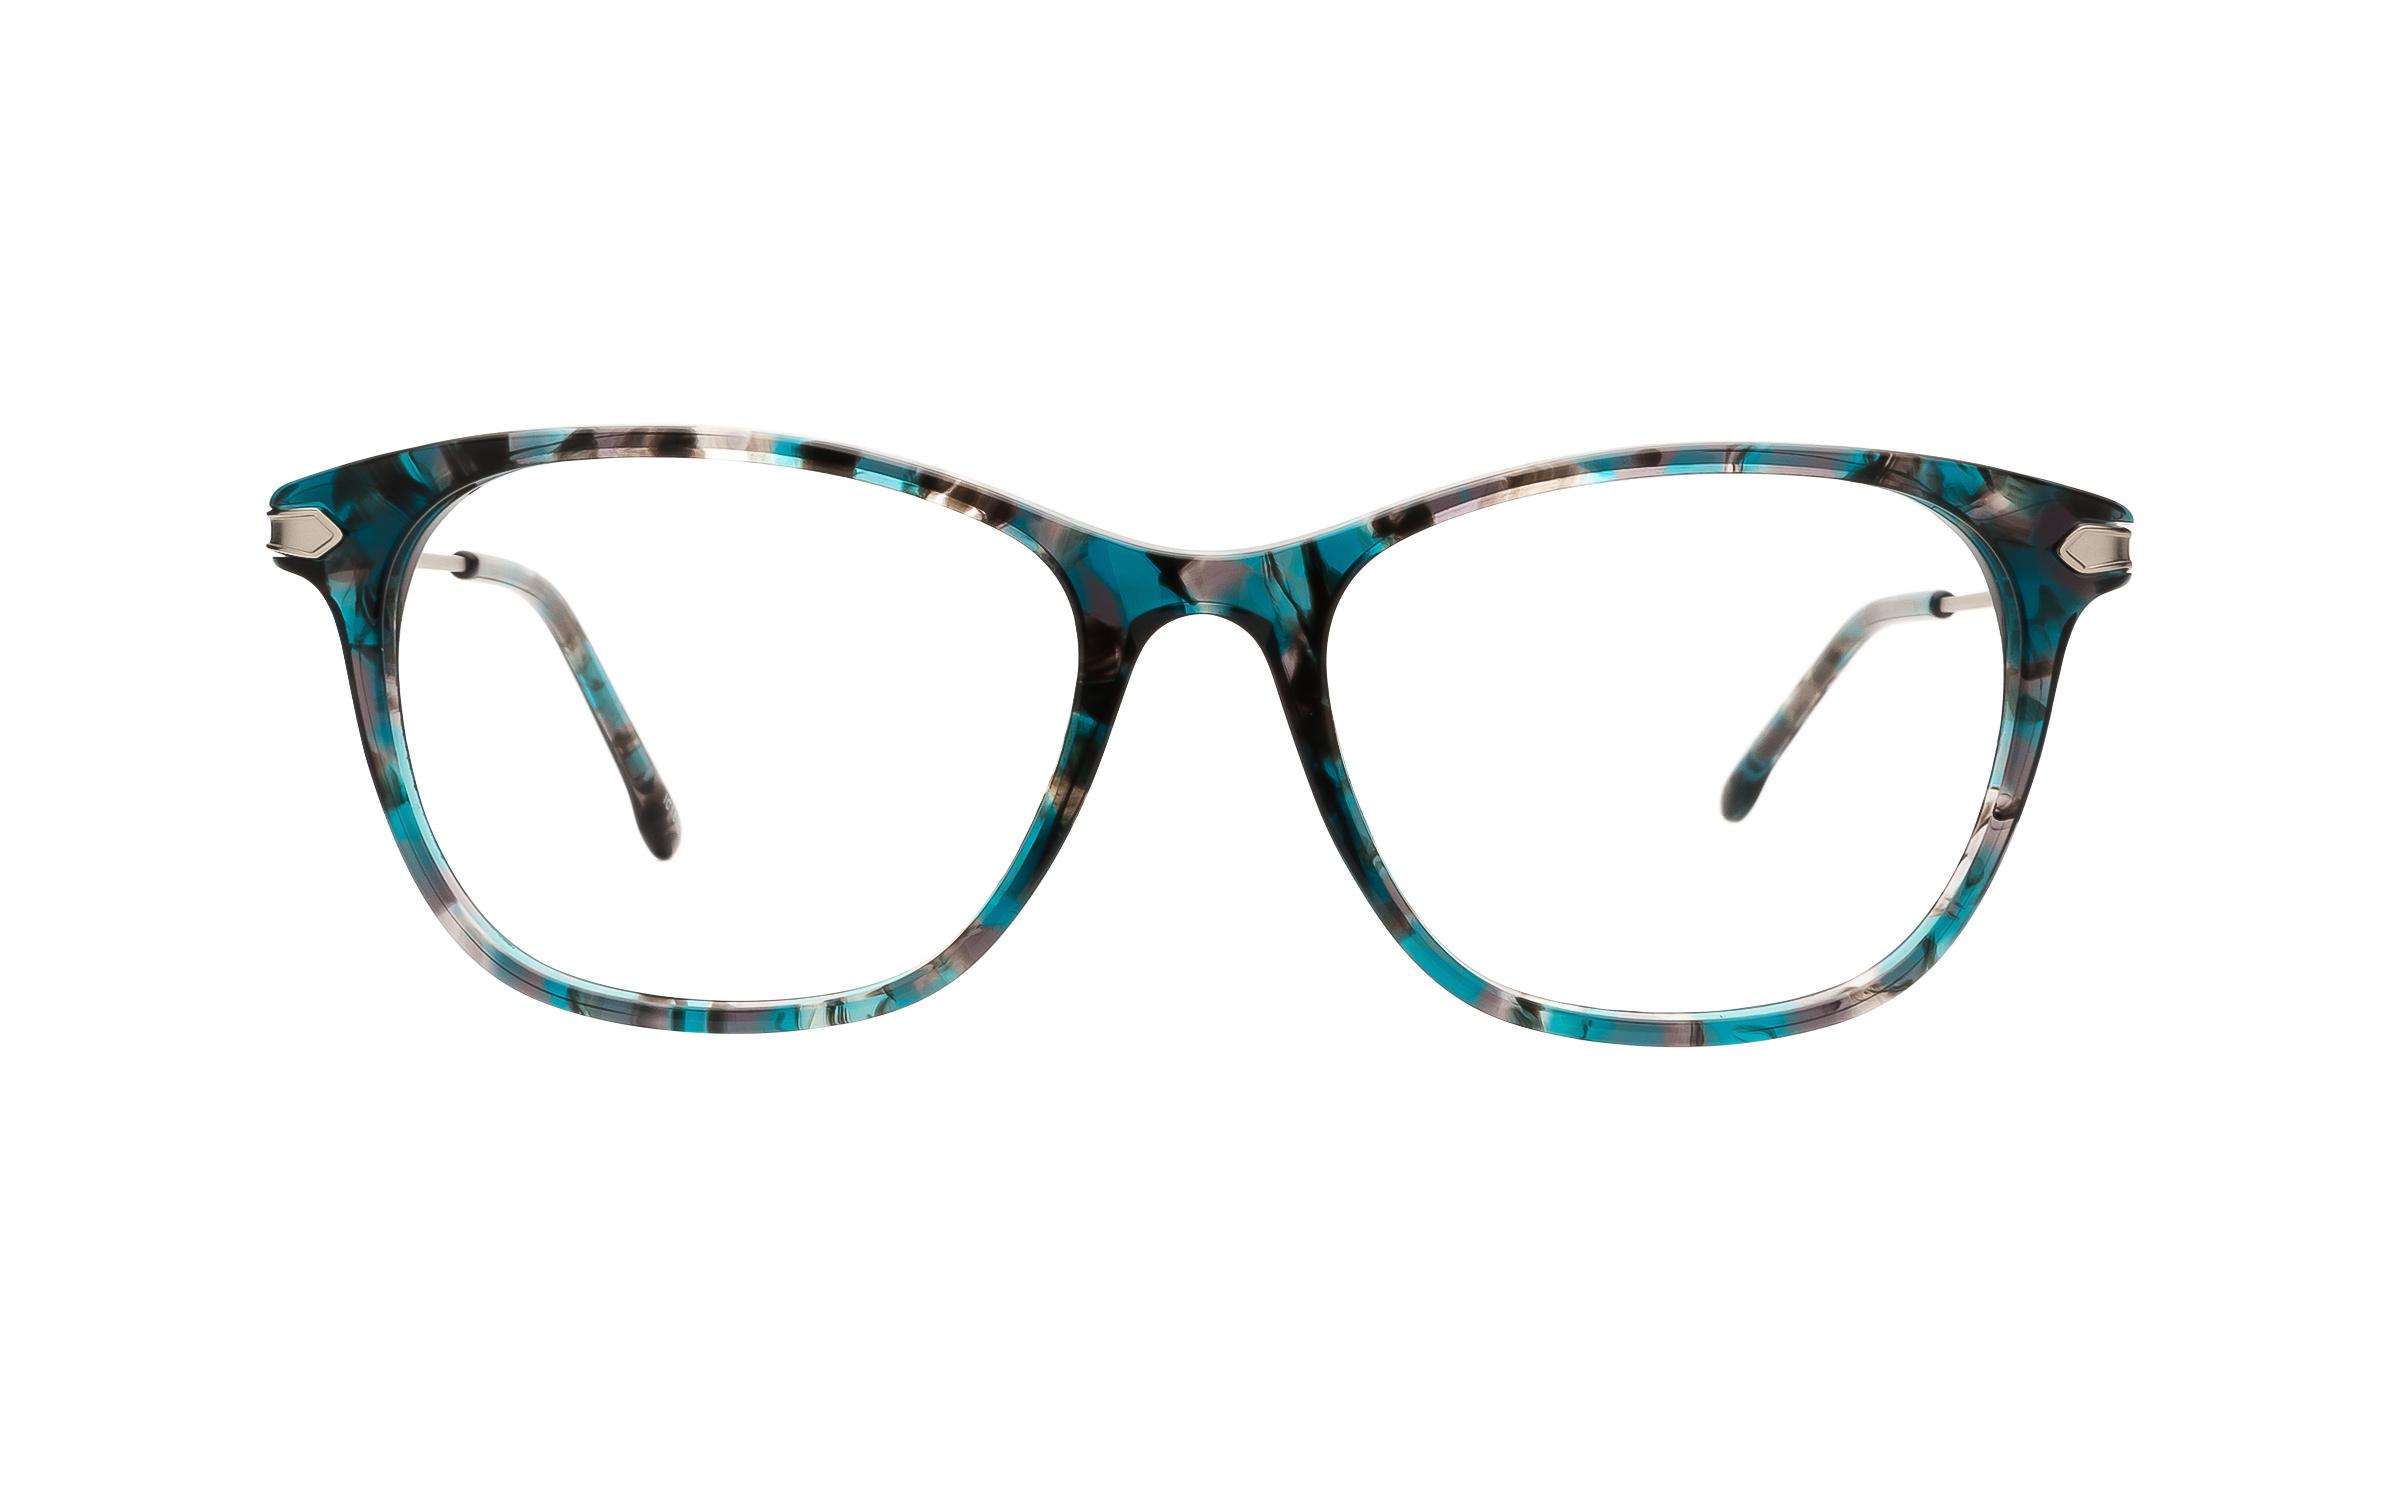 Derek_Cardigan_Womens_Glasses_DFrame_BlueTortoiseGrey_AcetateMetal_Online_Coastal